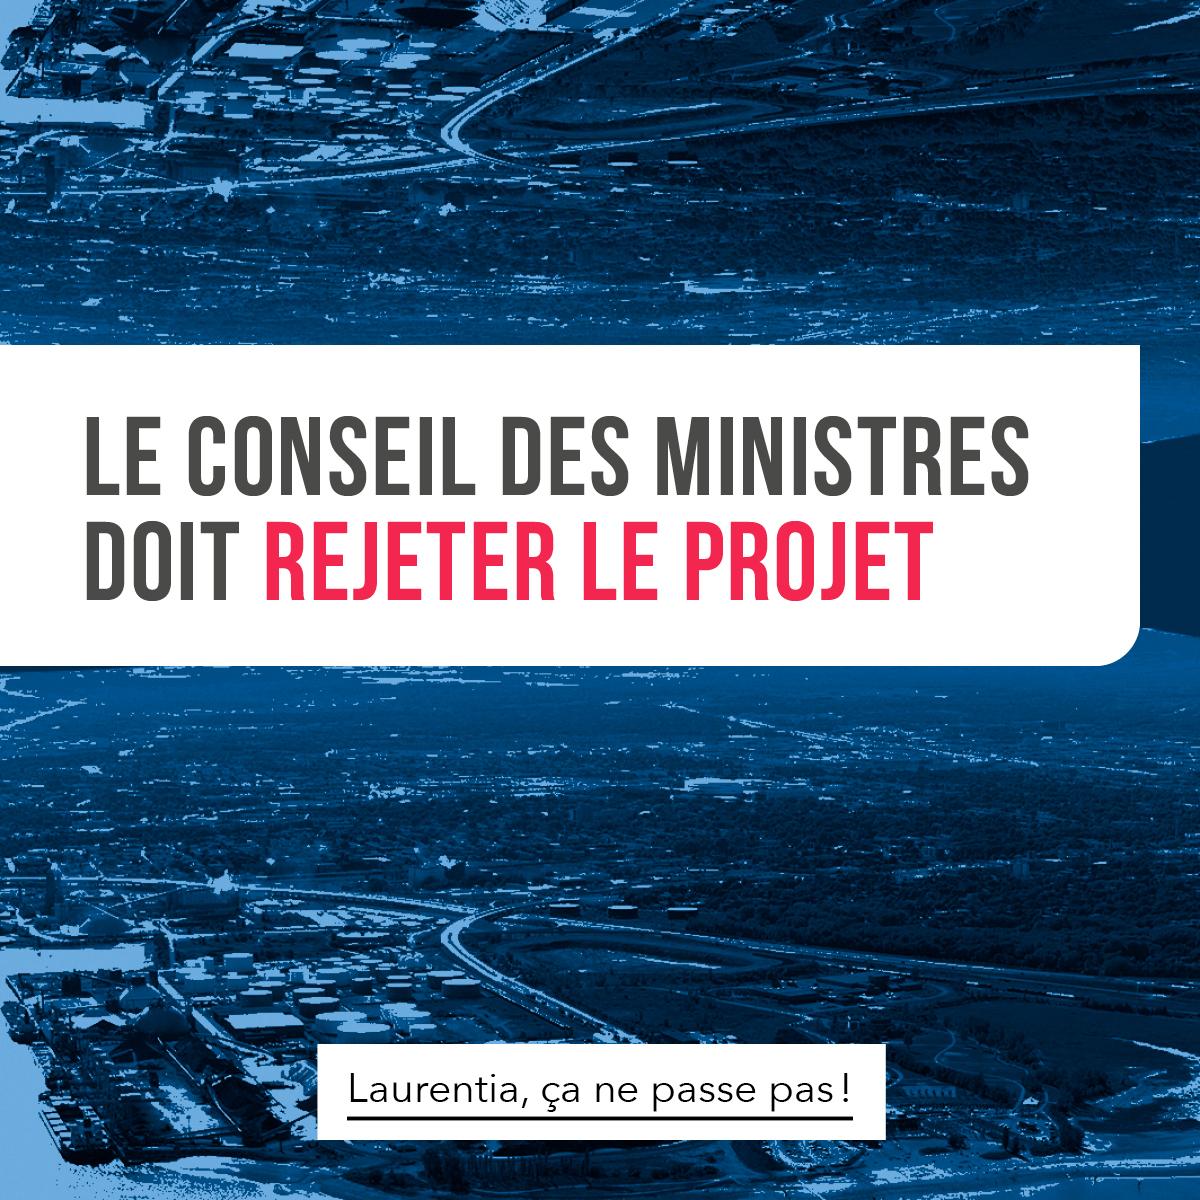 Communiqué - L'Agence d'évaluation d'impact et le ministre de l'Environnement du Canada concluent que Laurentia aurait des impacts négatifs importants